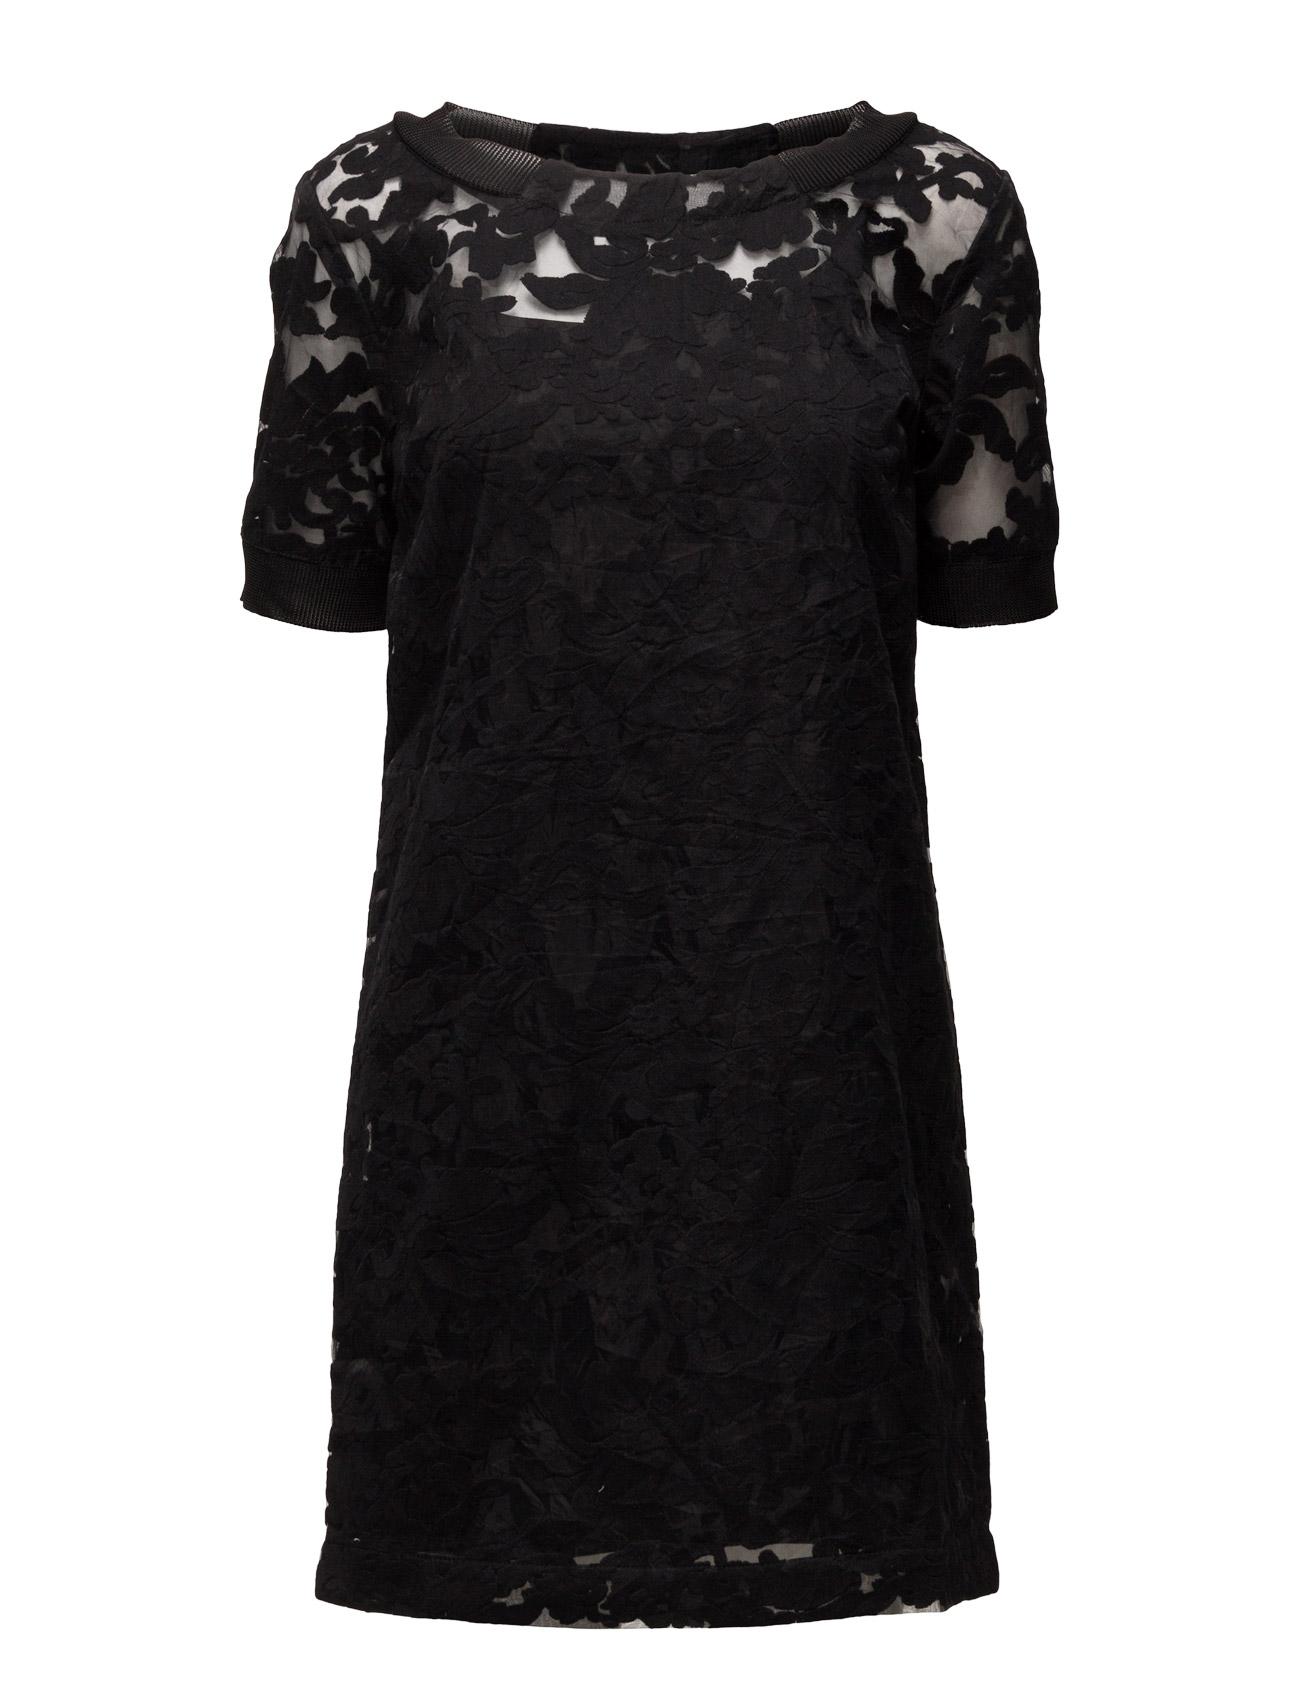 Dress Ss Rosemunde Korte kjoler til Kvinder i Sort